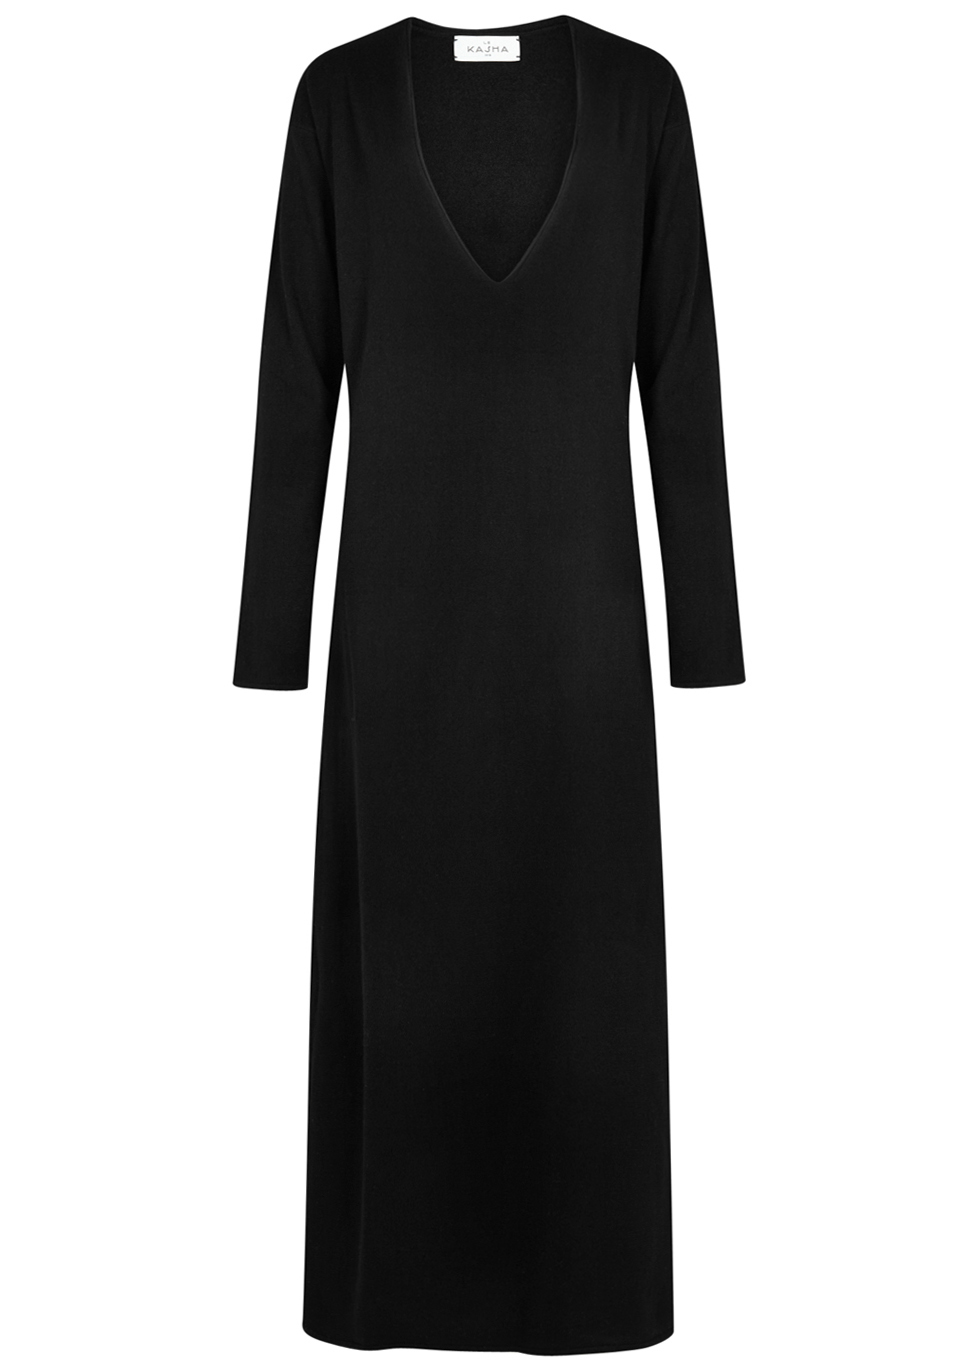 Phoenix black cashmere maxi dress - Le Kasha